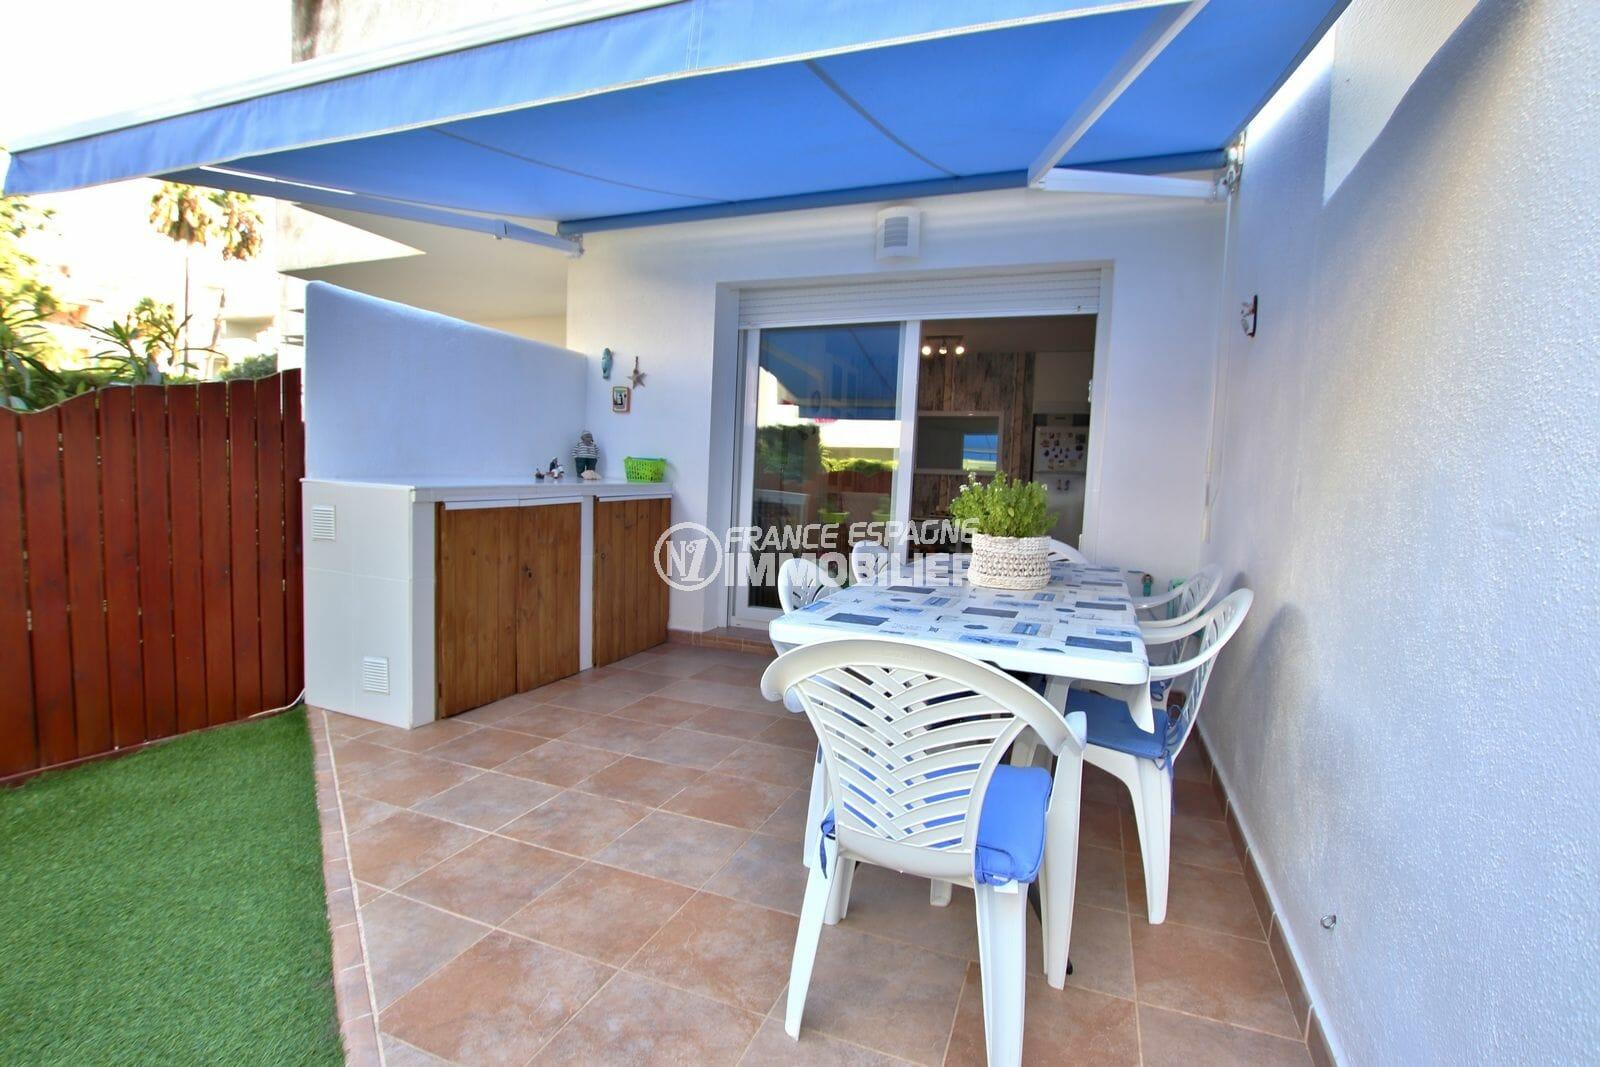 immo roses: appartement 44 m², belle terrasse de 11 m² couverte accès salon